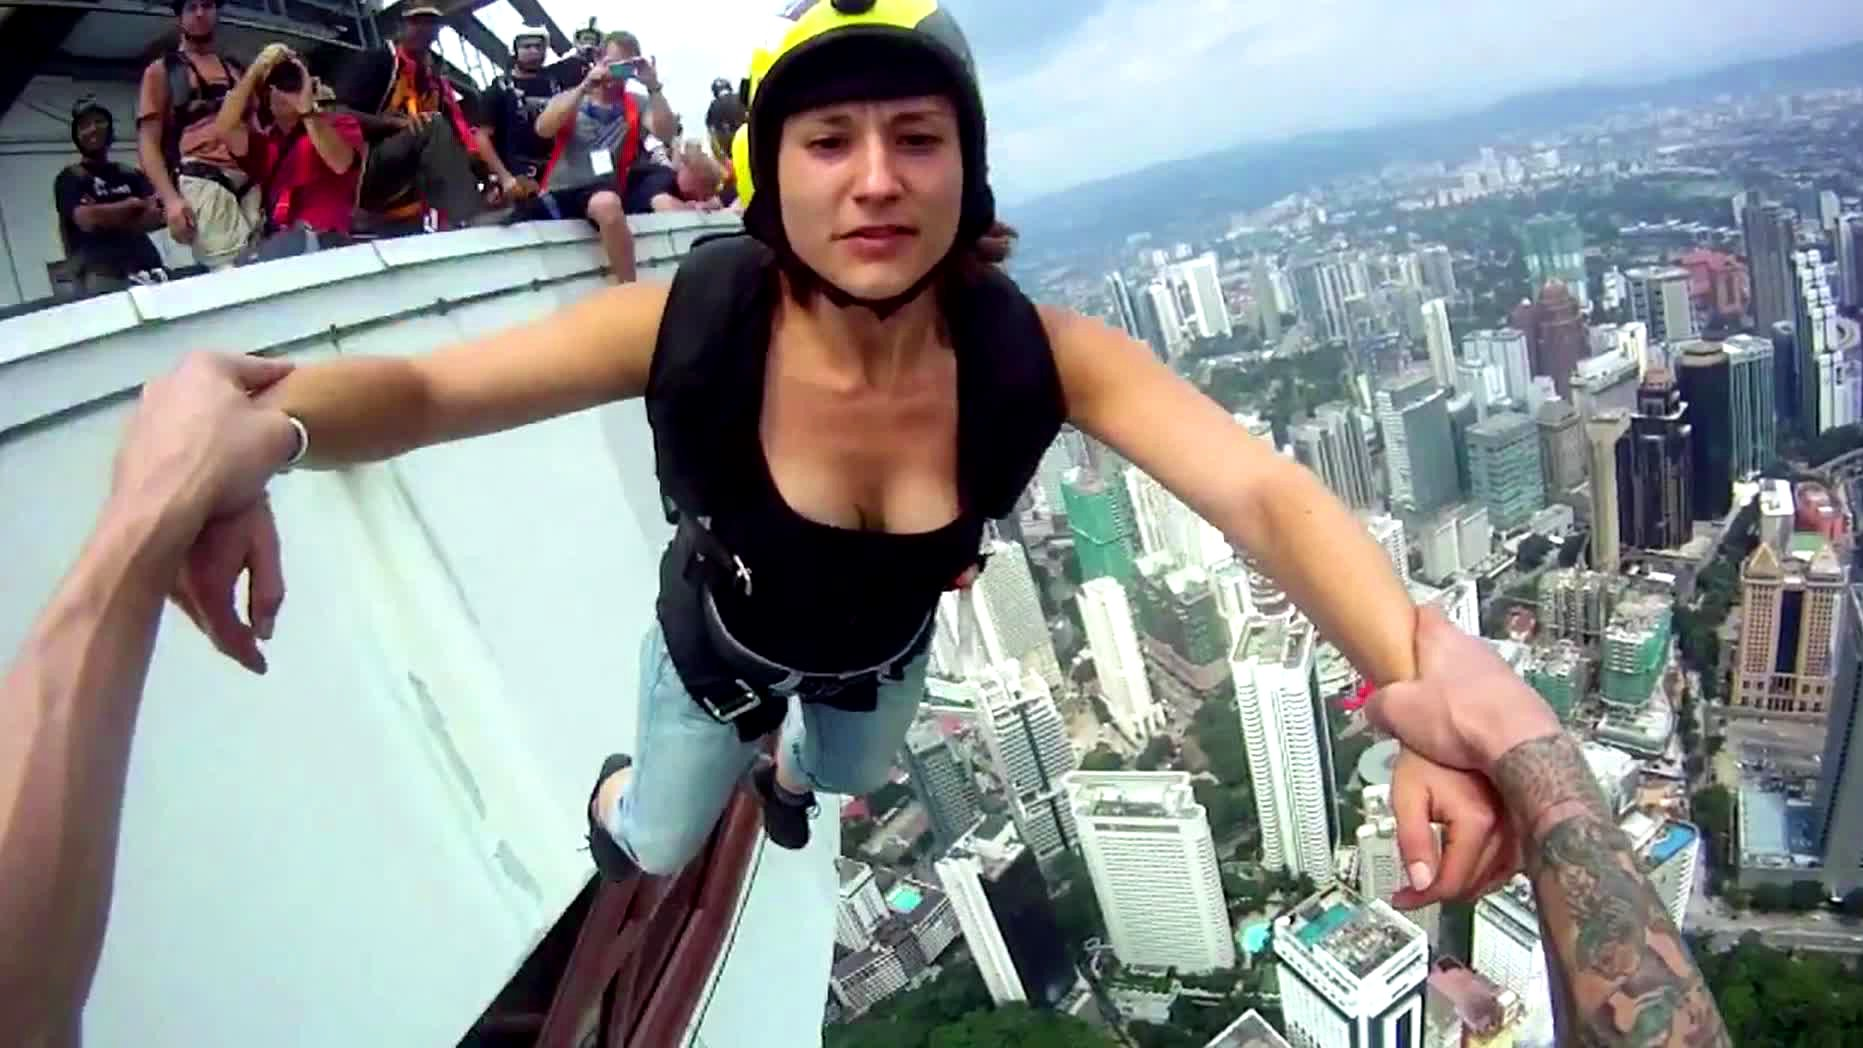 Eine BASE-Jumperin springt von einem Turm.